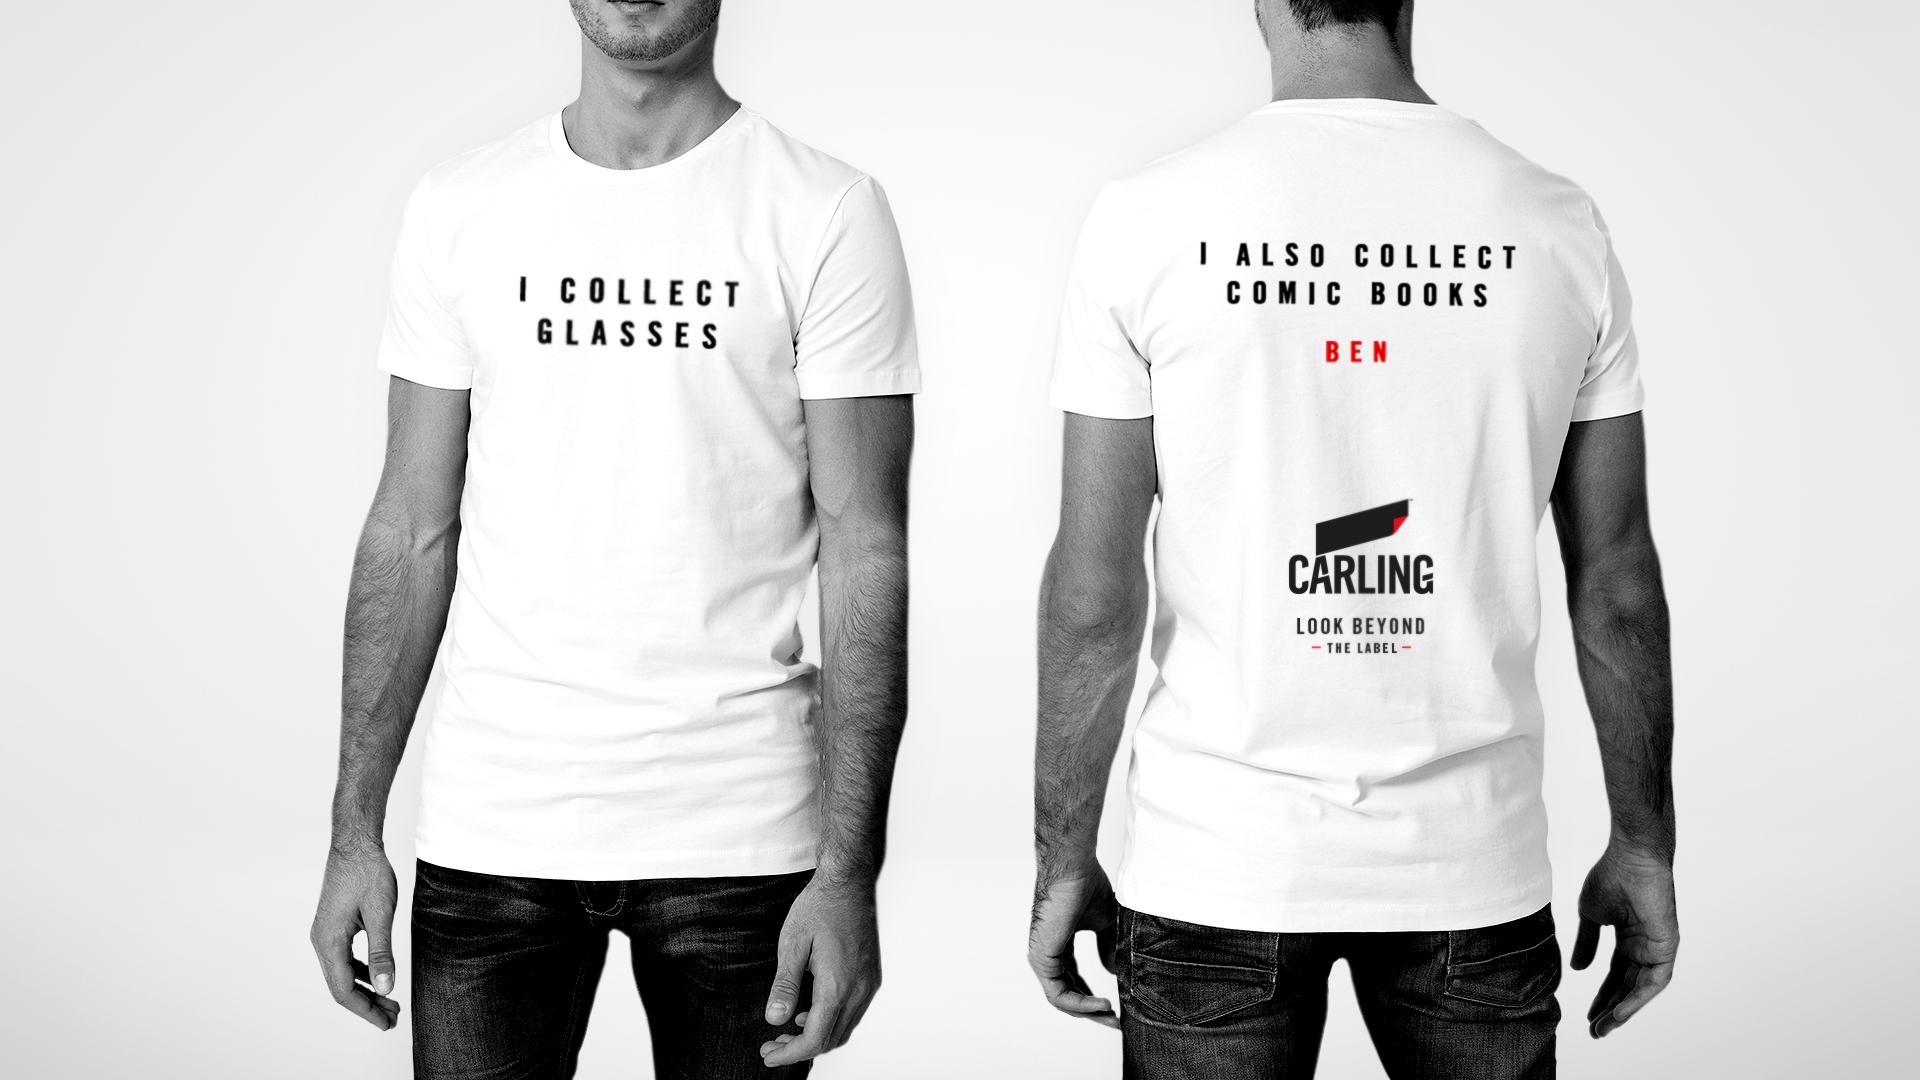 Carling-Tee-Ben.jpg